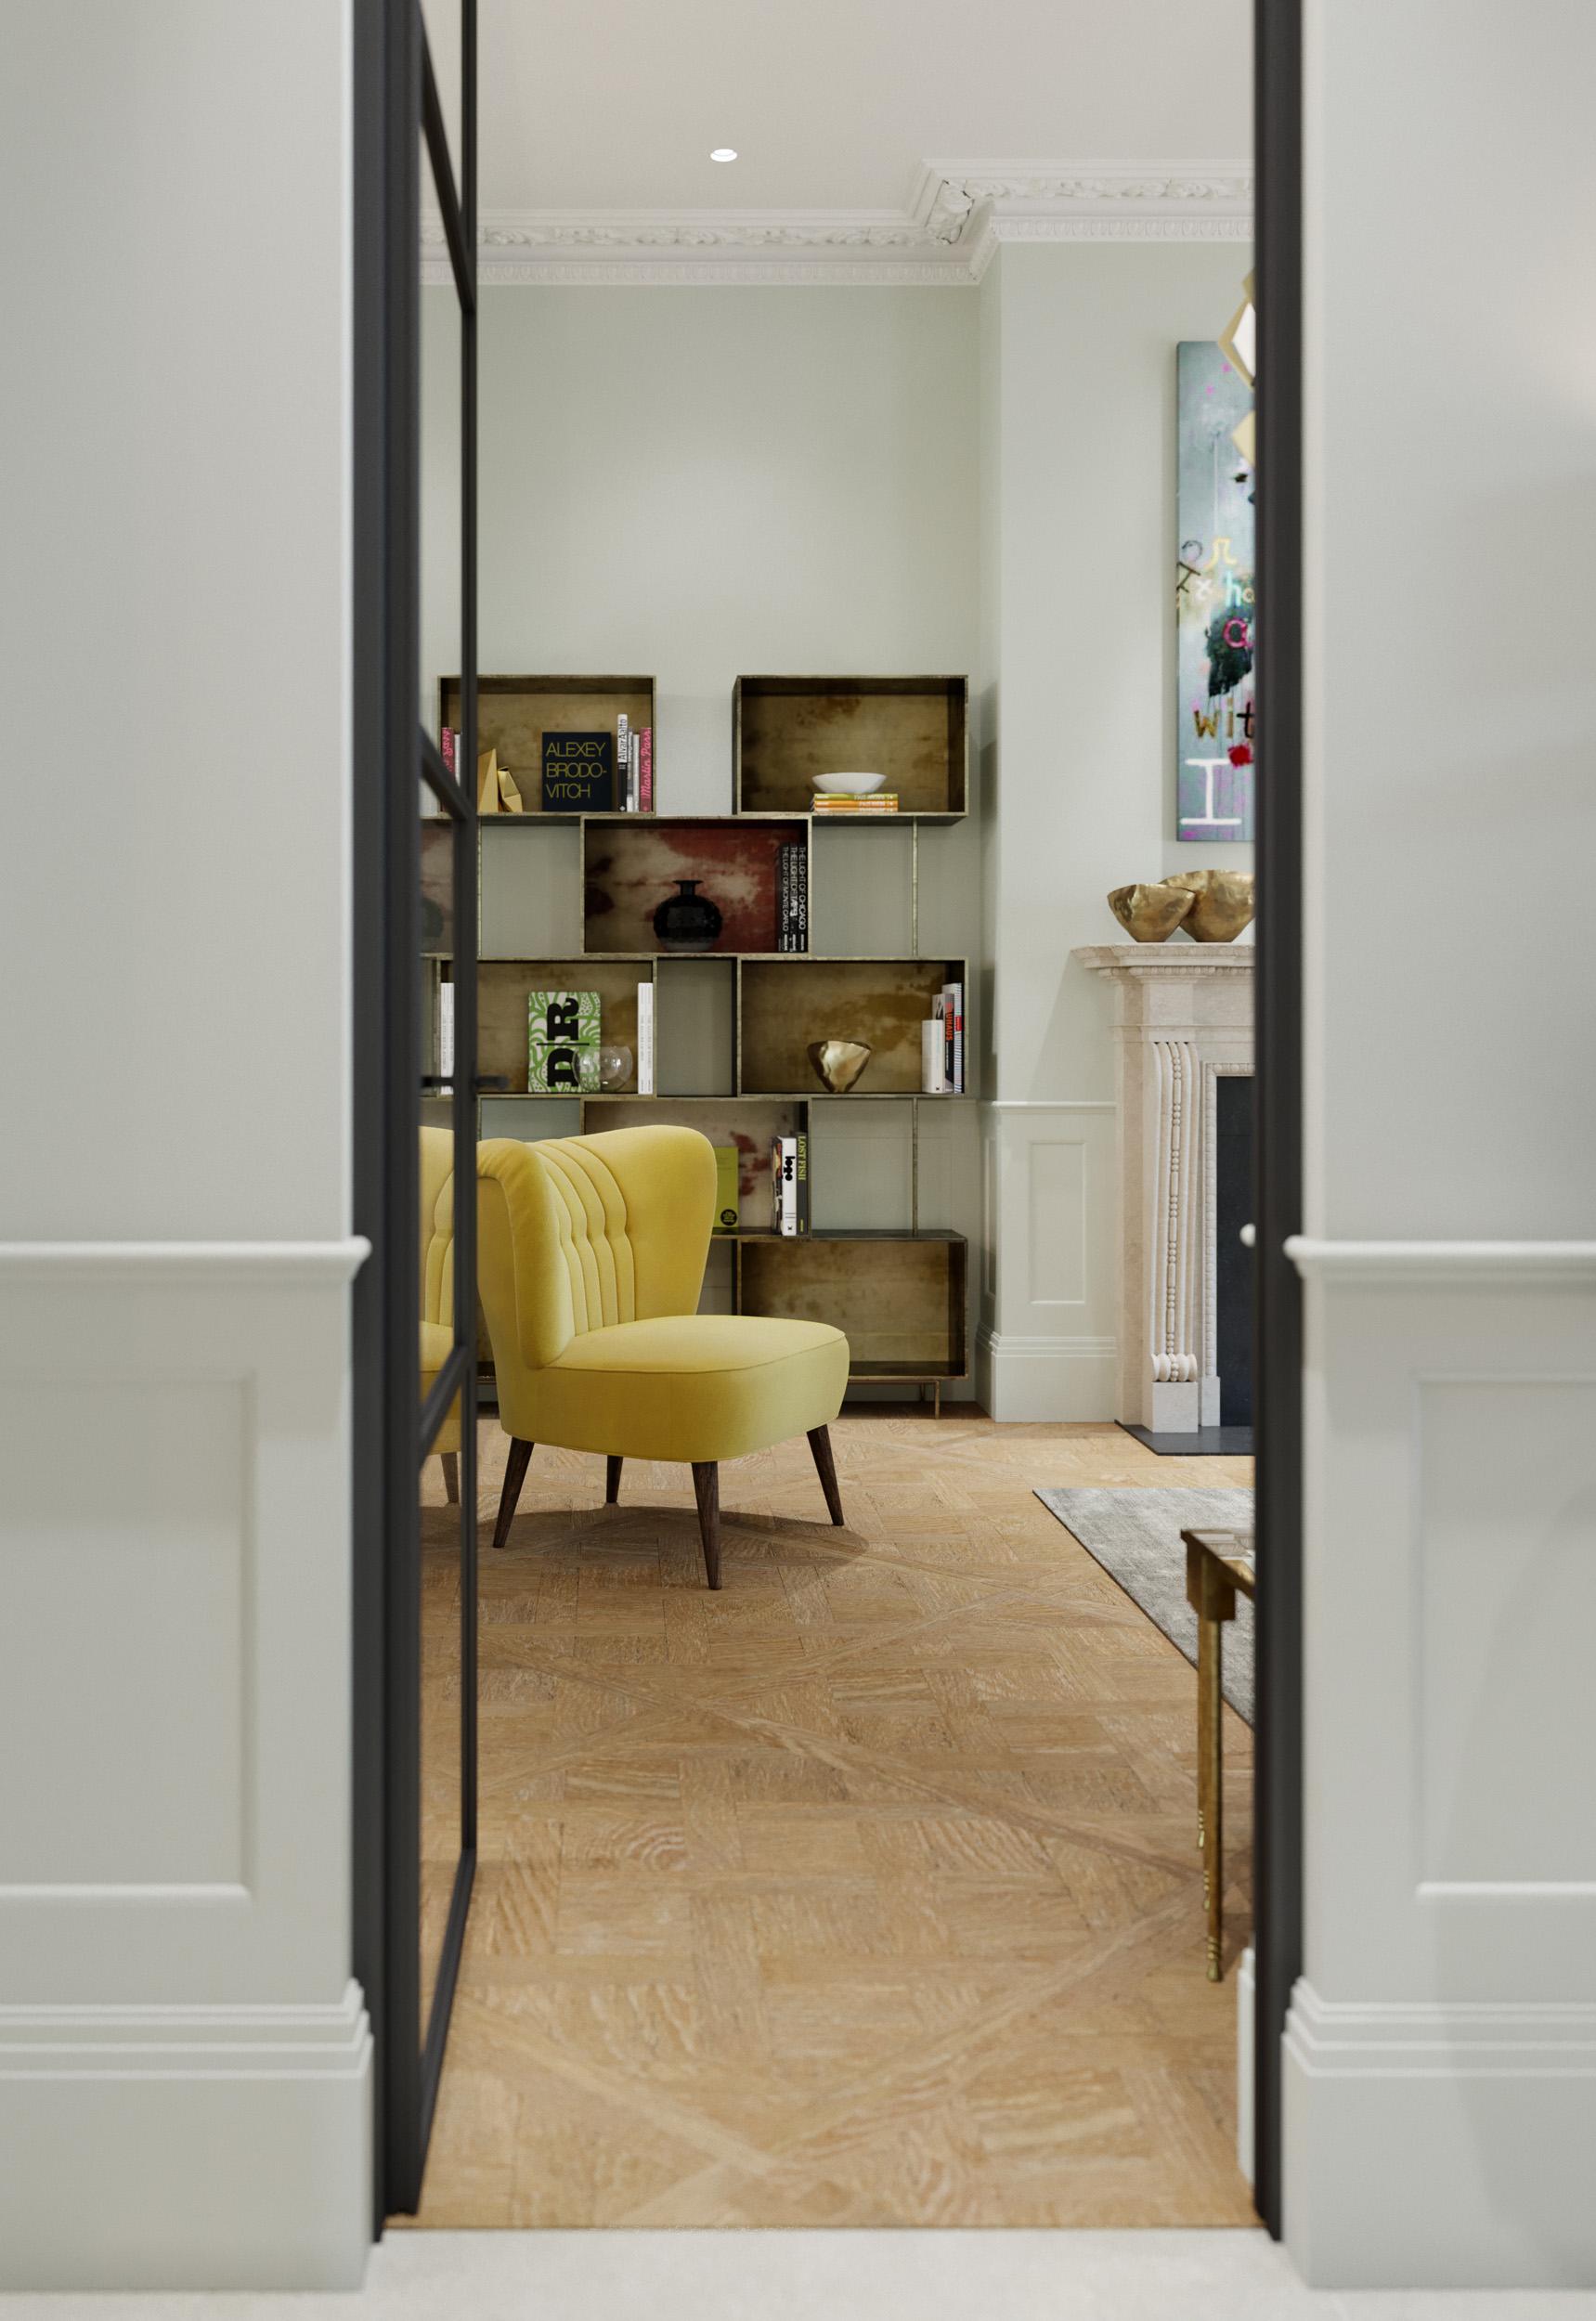 Vig_Lounge_Thru_Door.jpg